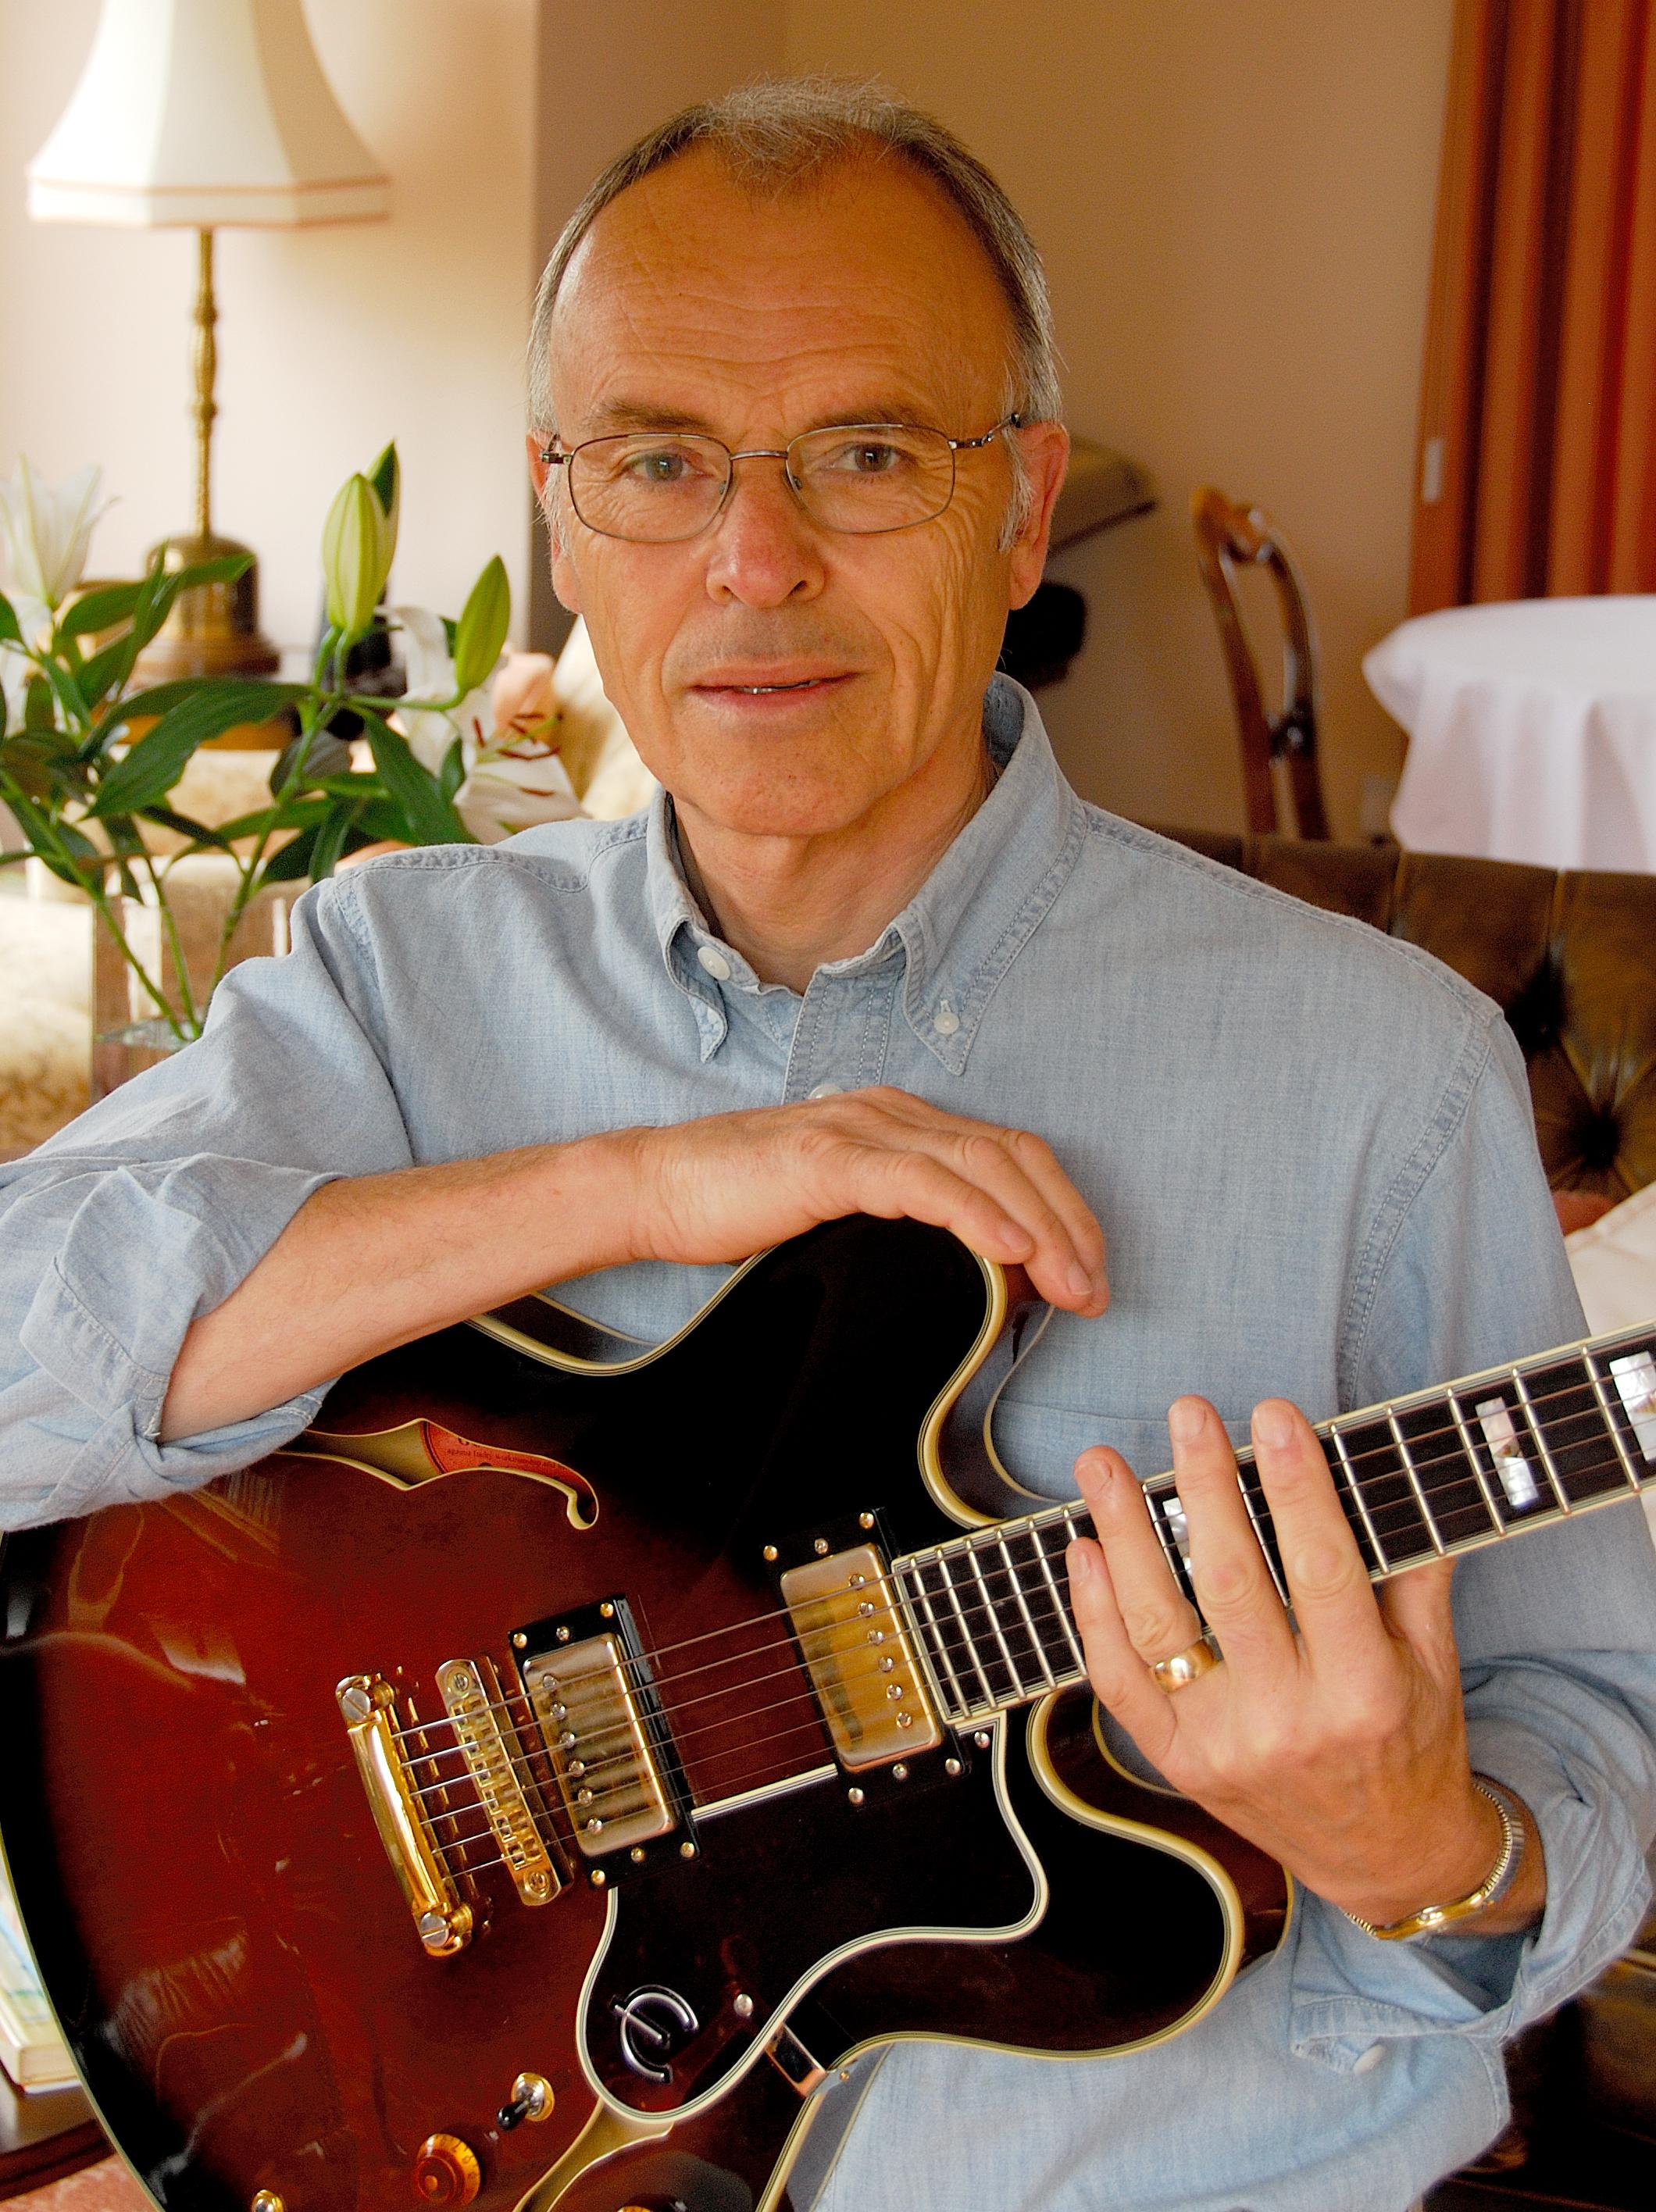 Jon Jayes Rhythm guitar